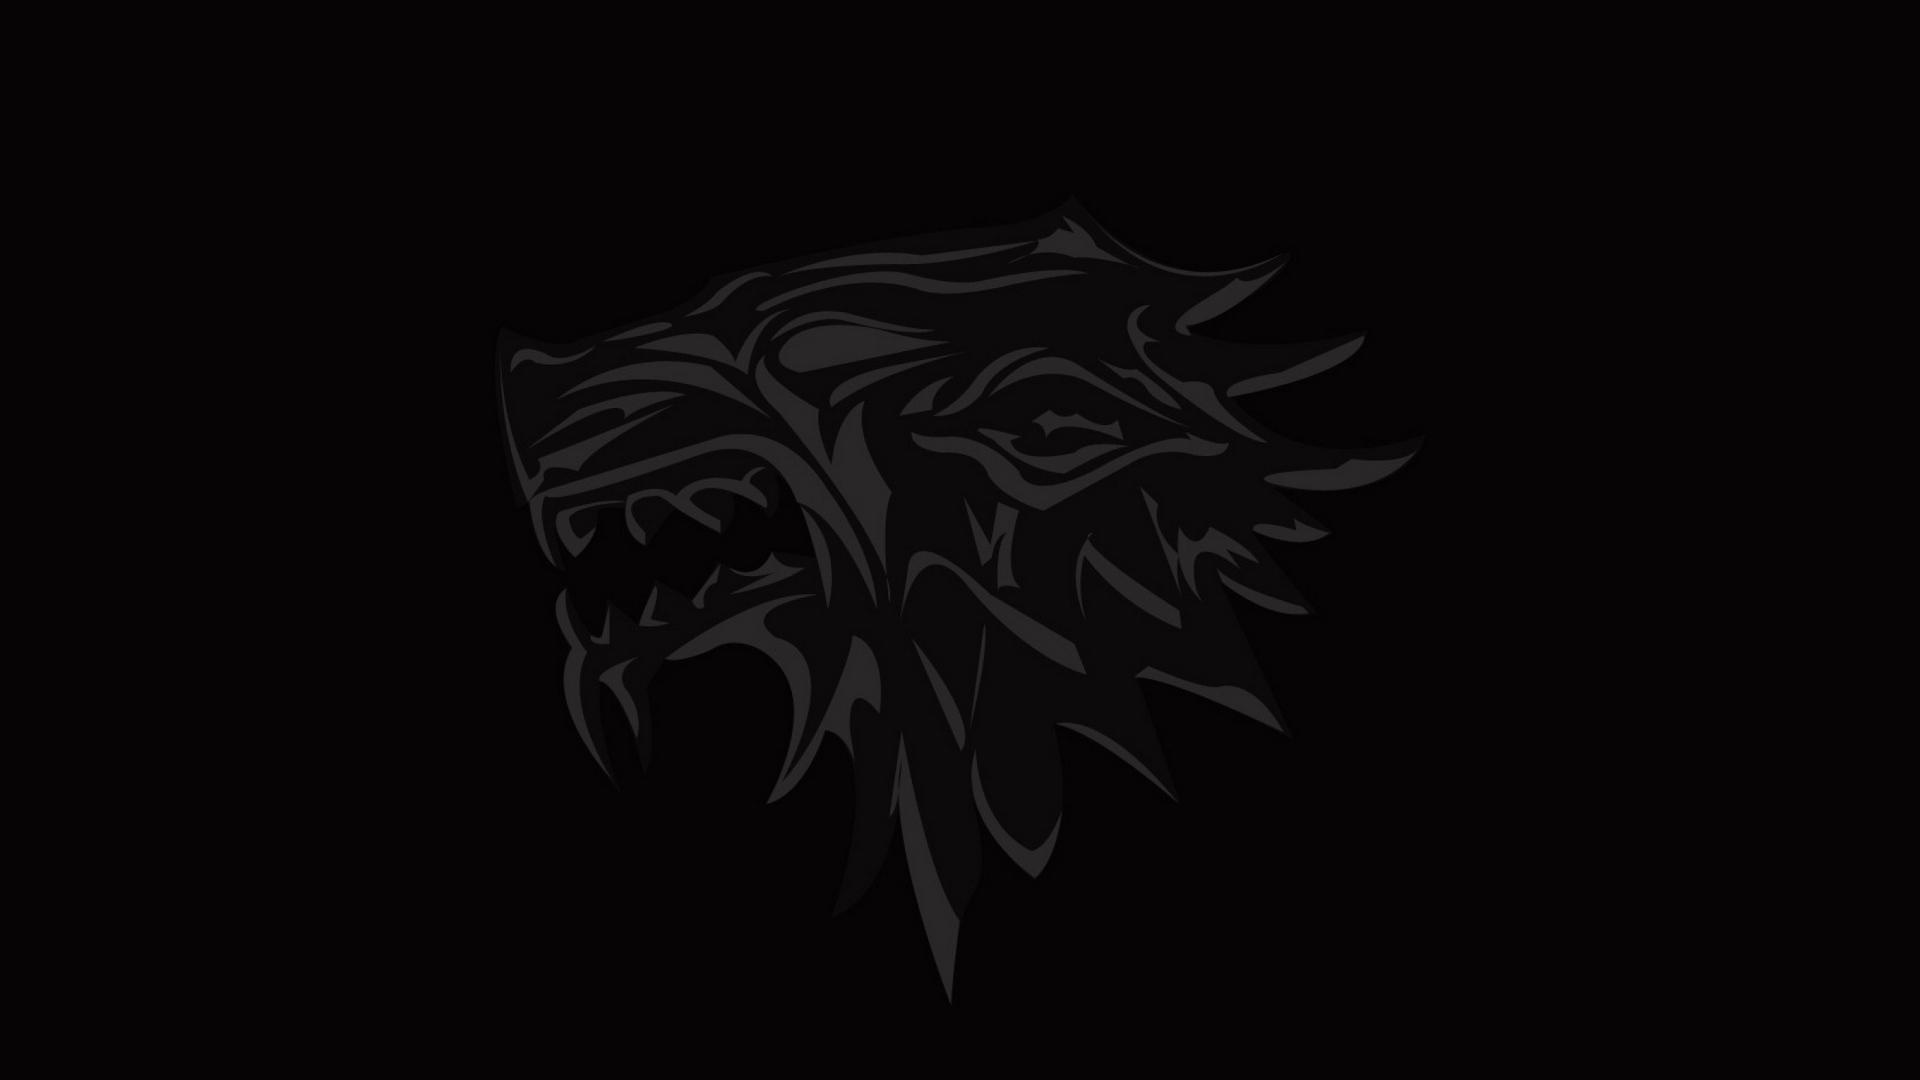 Game Of Thrones Hd Wallpaper Hintergrund 1920x1080 Id